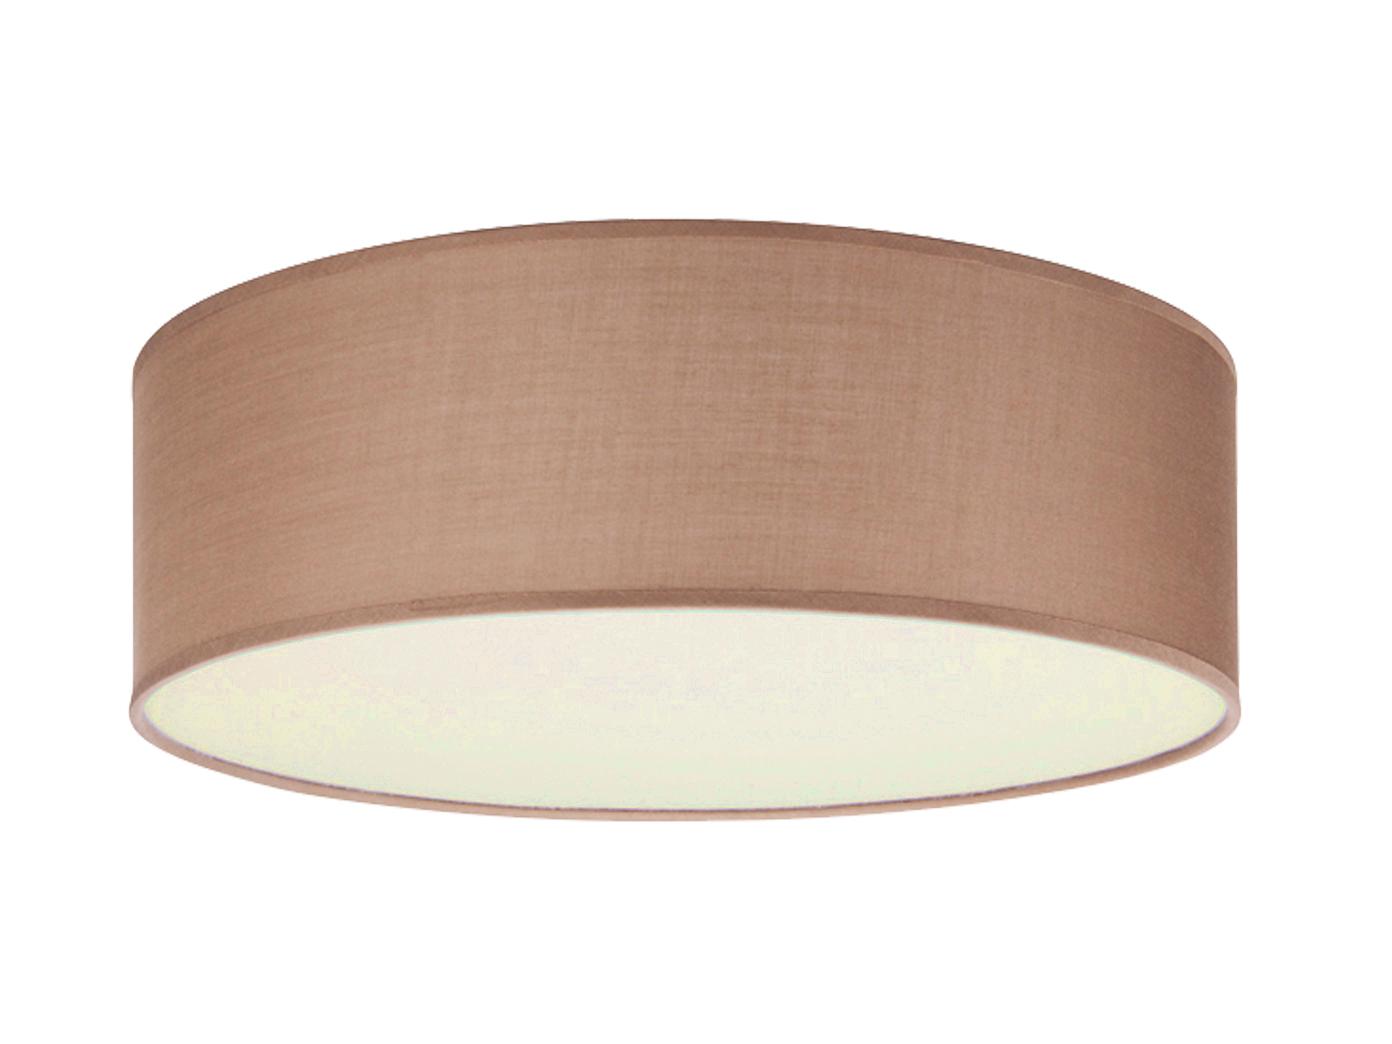 design deckenlampe rund 30 cm mit textilschirm braun extern dimmbar stoff ebay. Black Bedroom Furniture Sets. Home Design Ideas